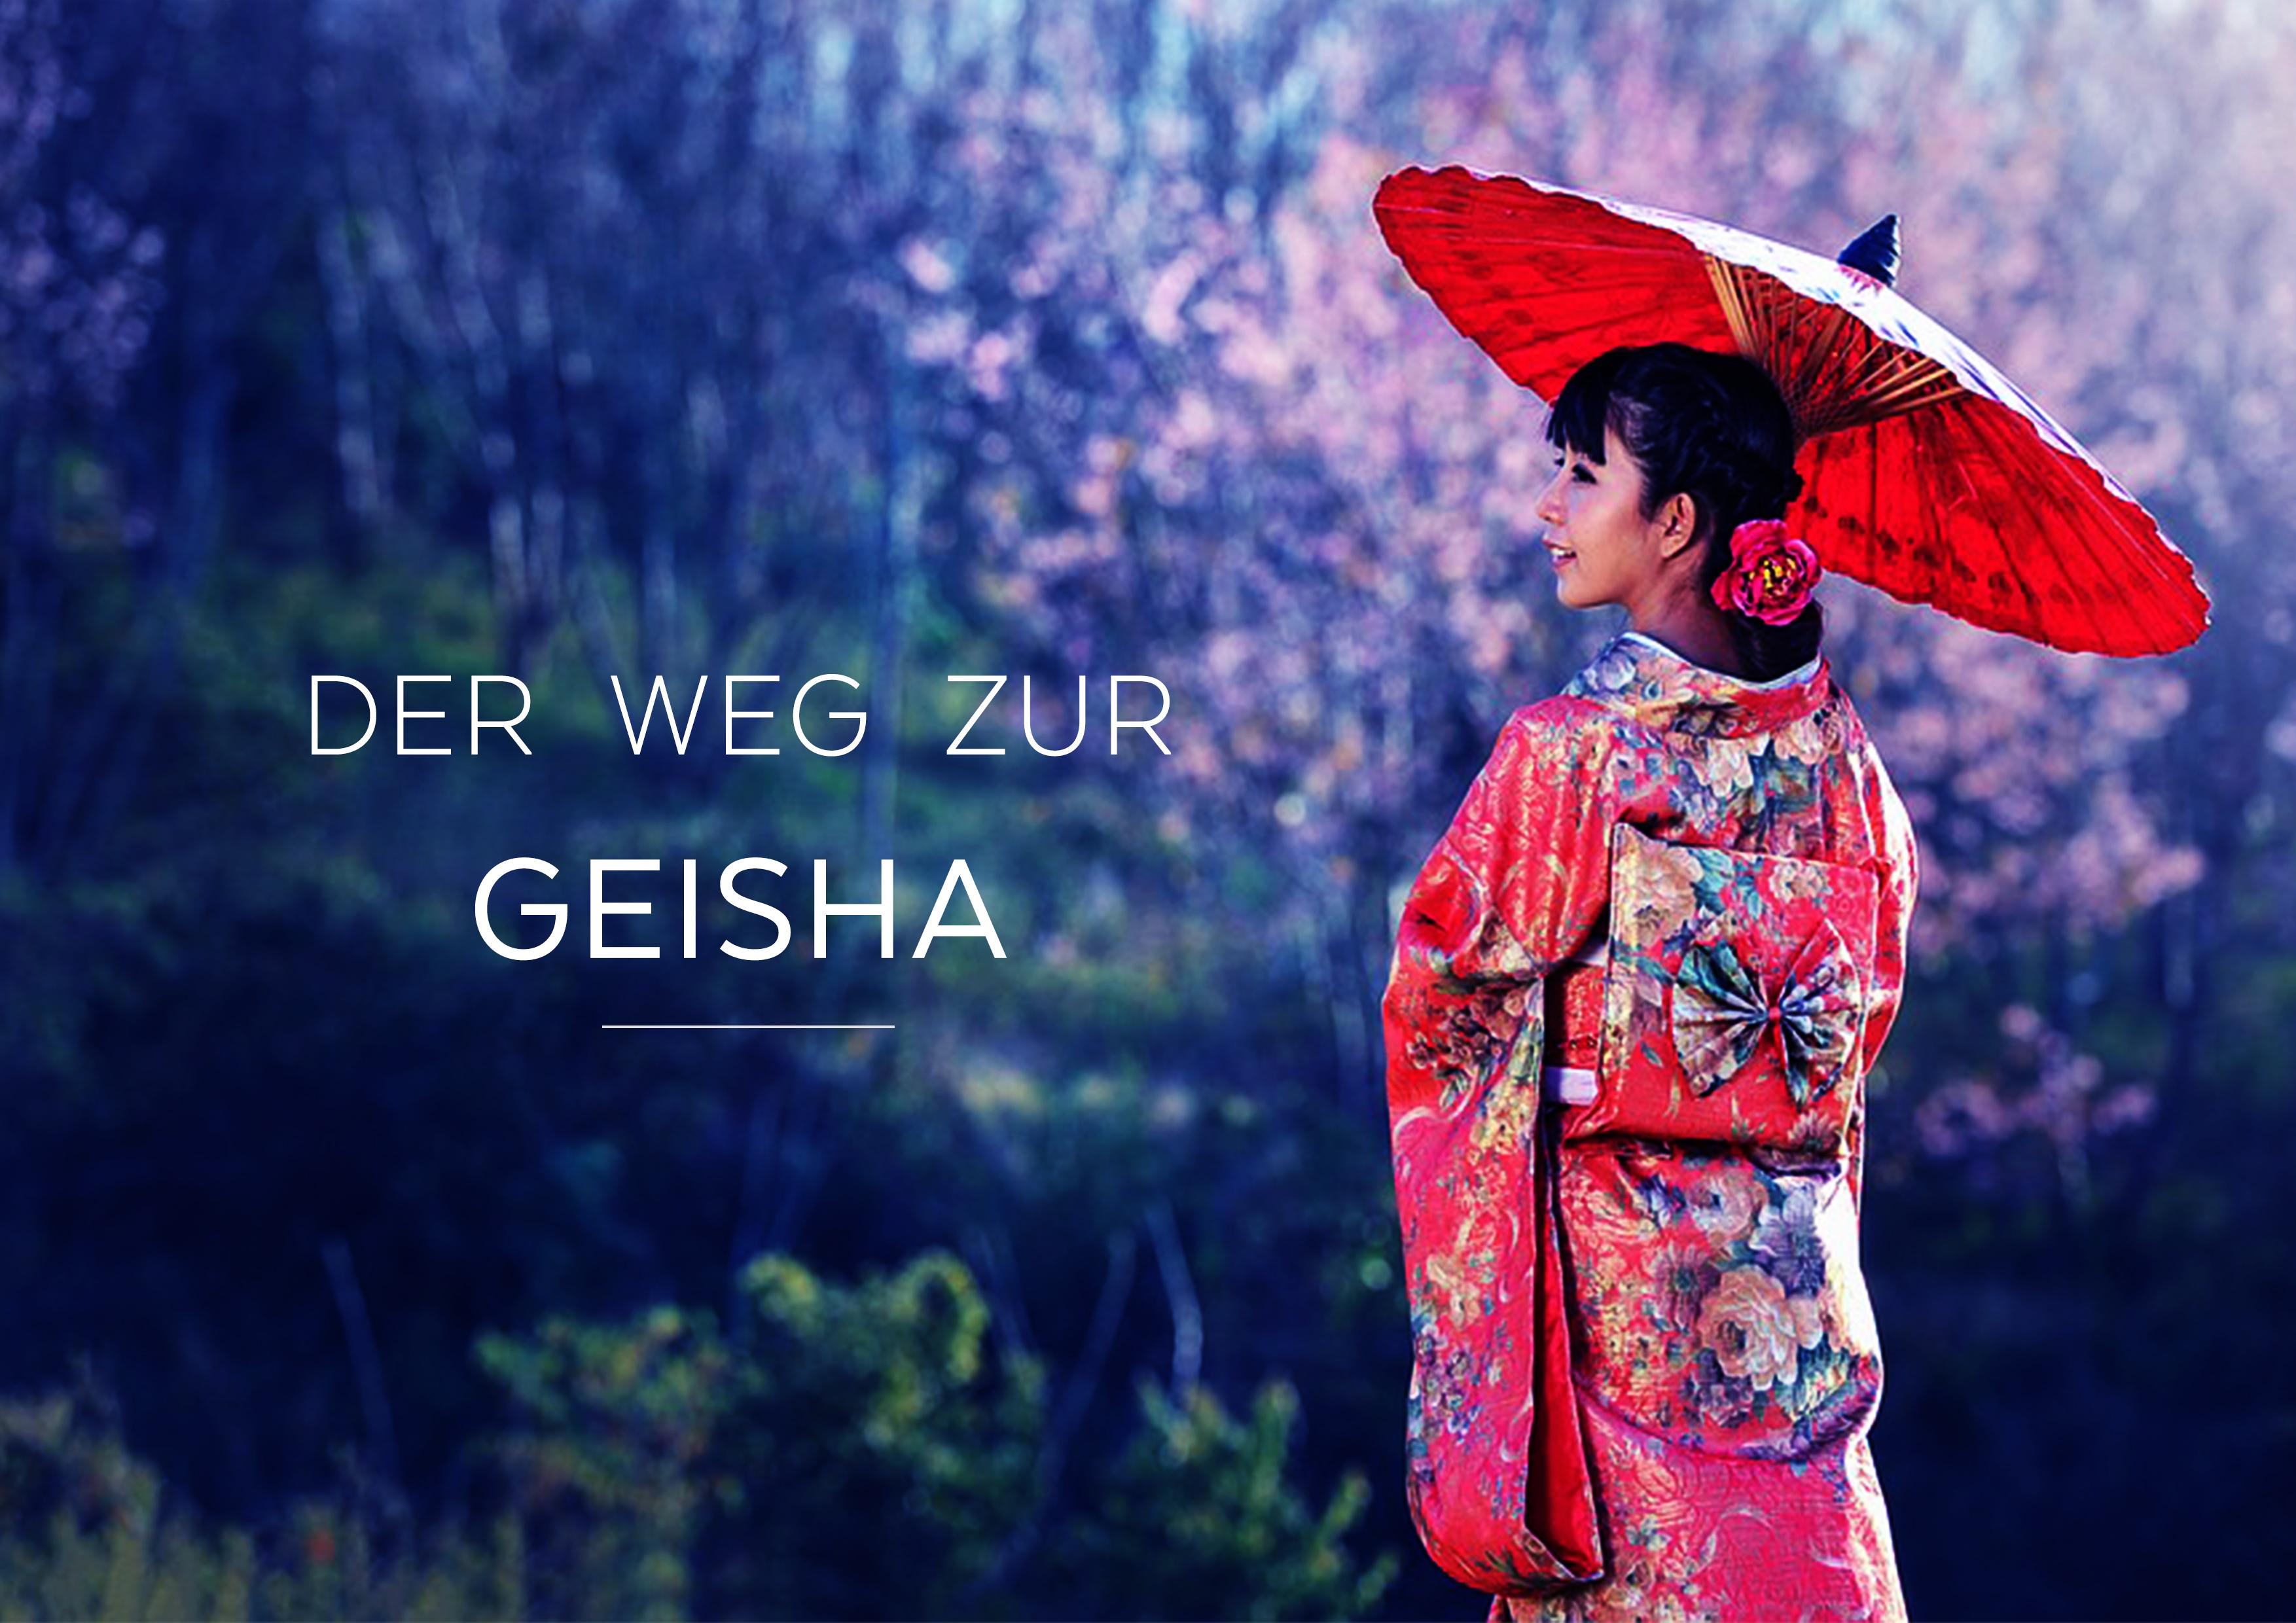 images/geisha_hintergrund_2.jpg